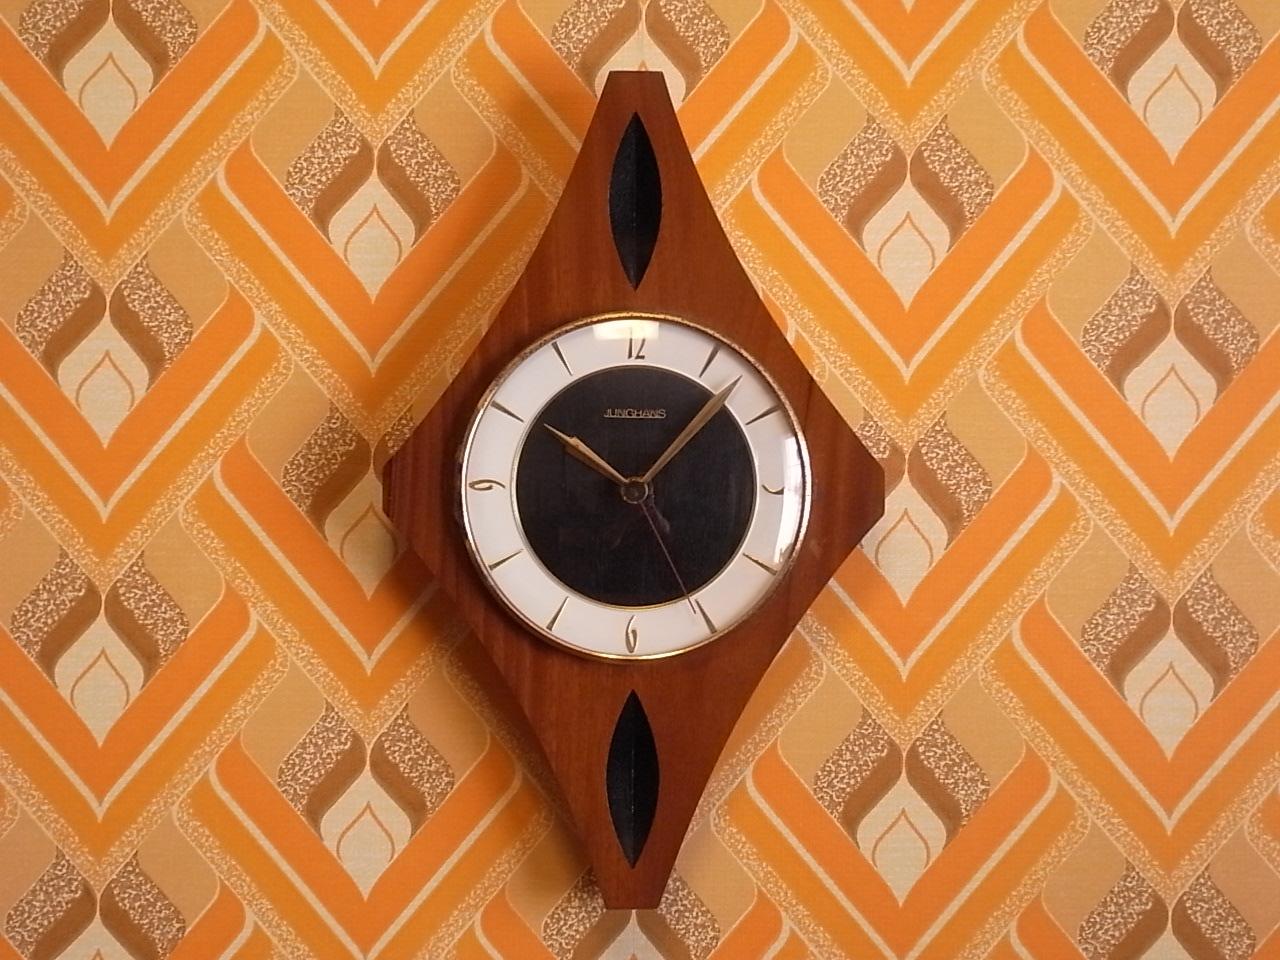 ユンハンス 木製ウォールクロック エレクトロニックのメイン写真